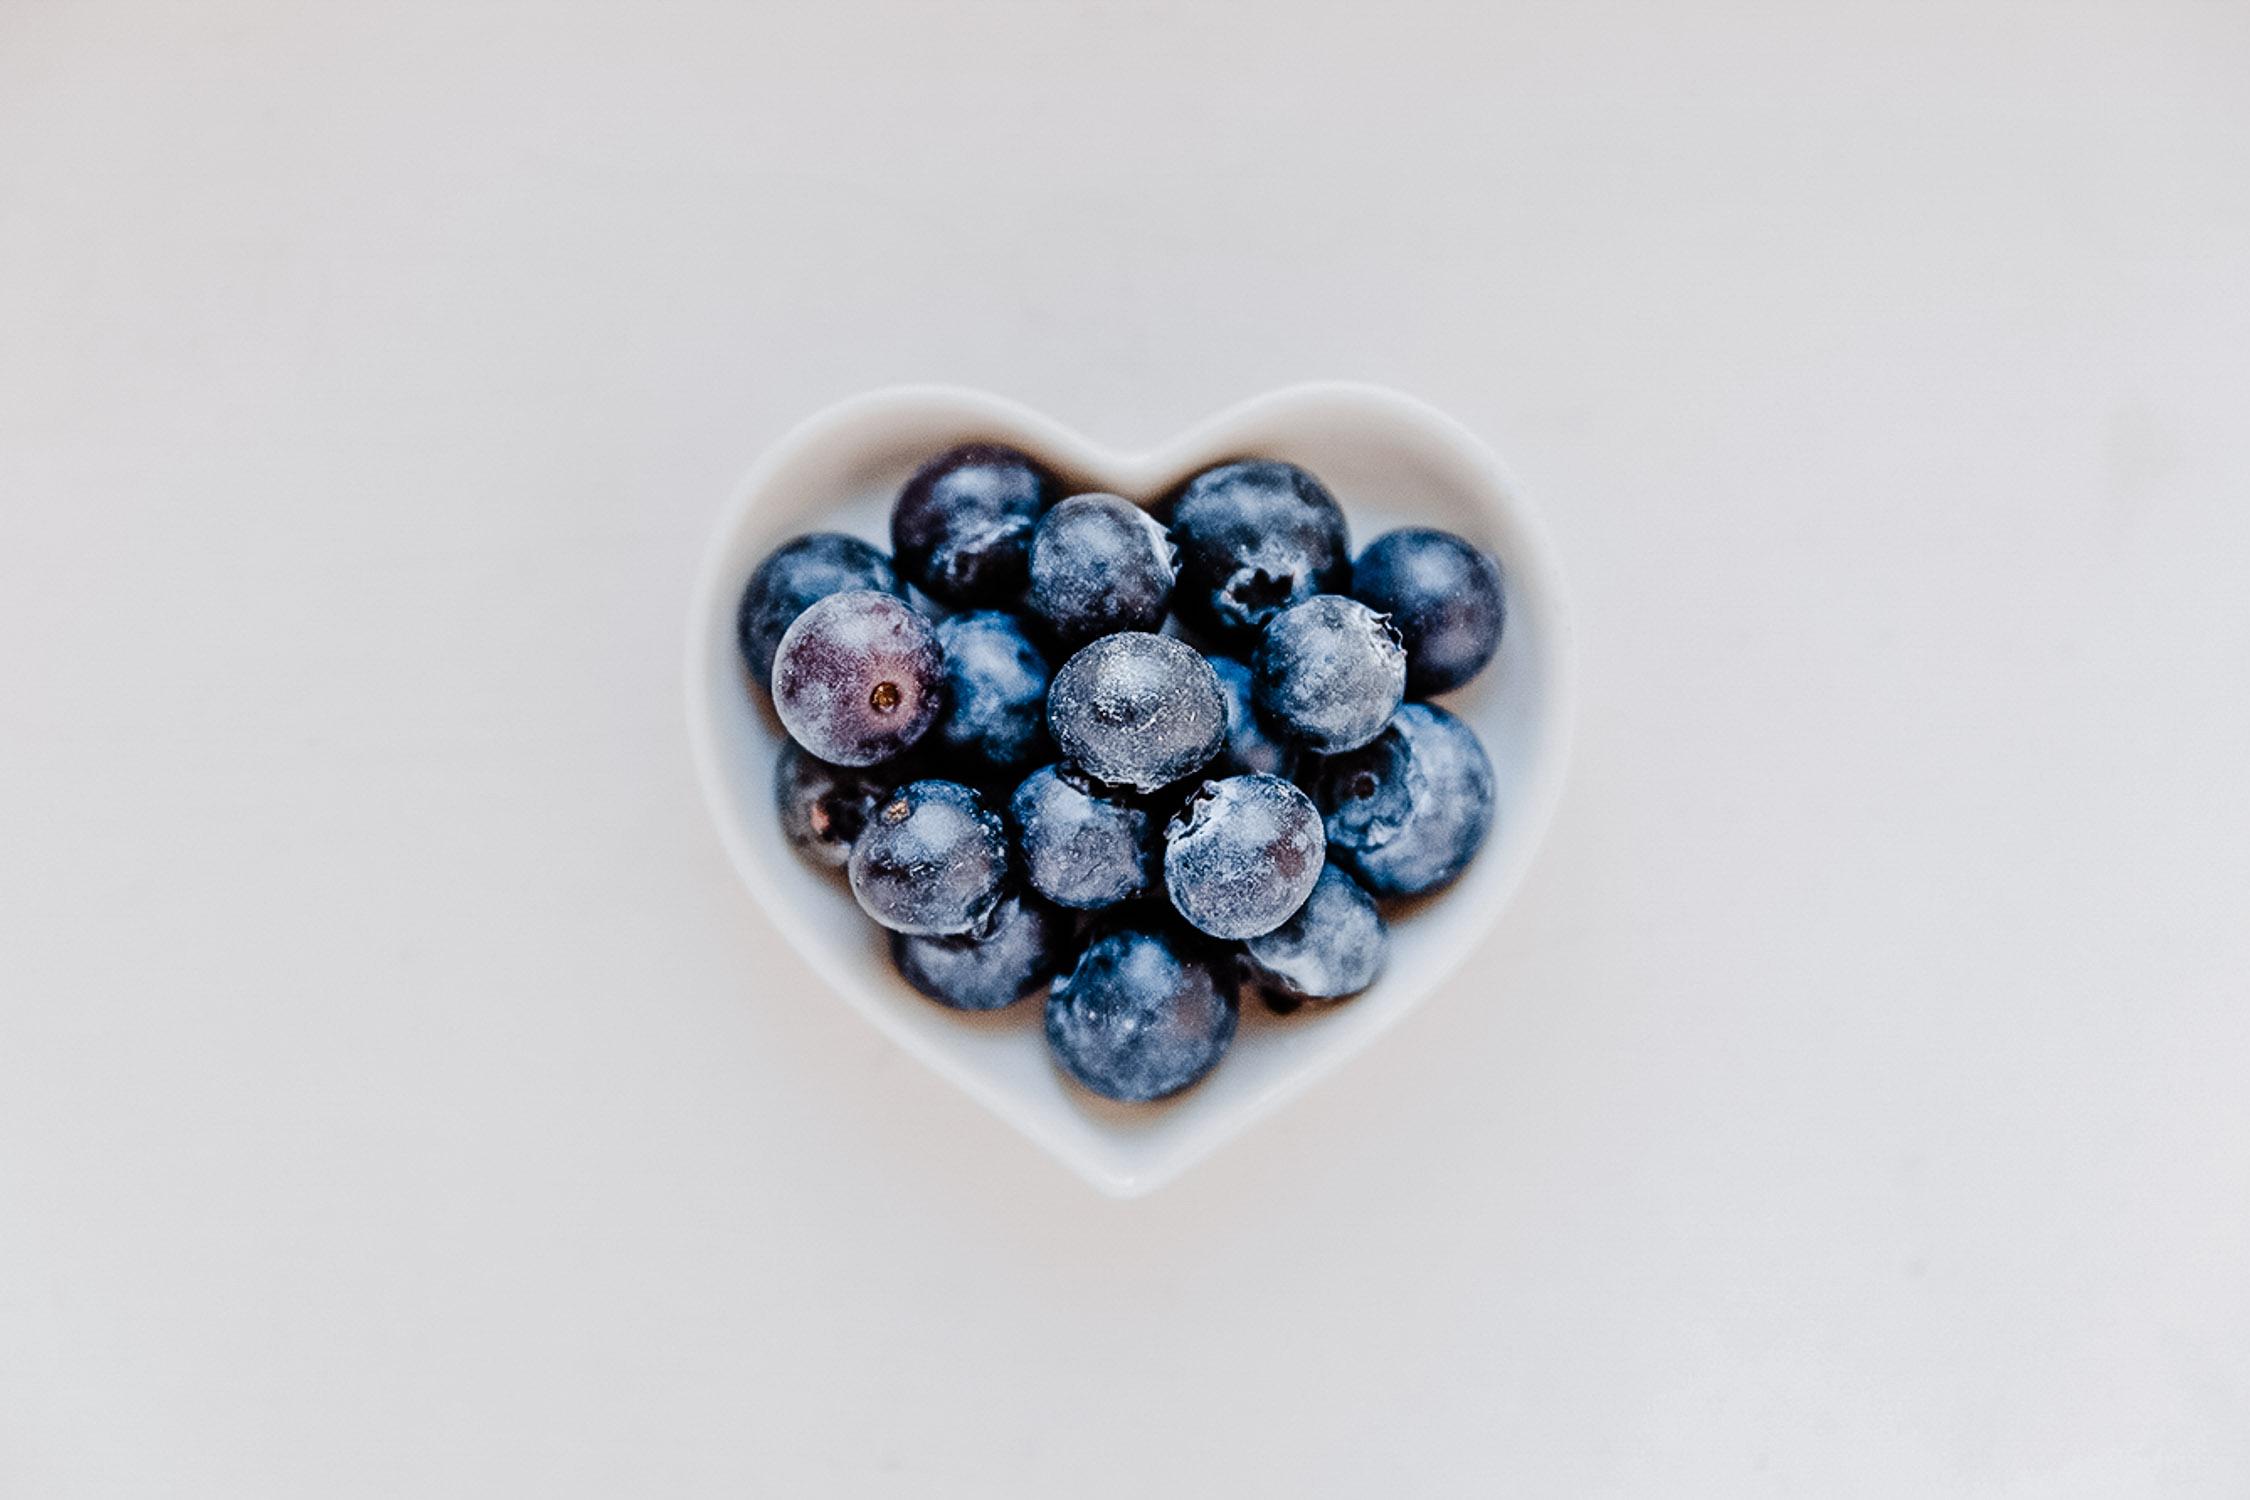 Food Fotografie, Blaubeeren